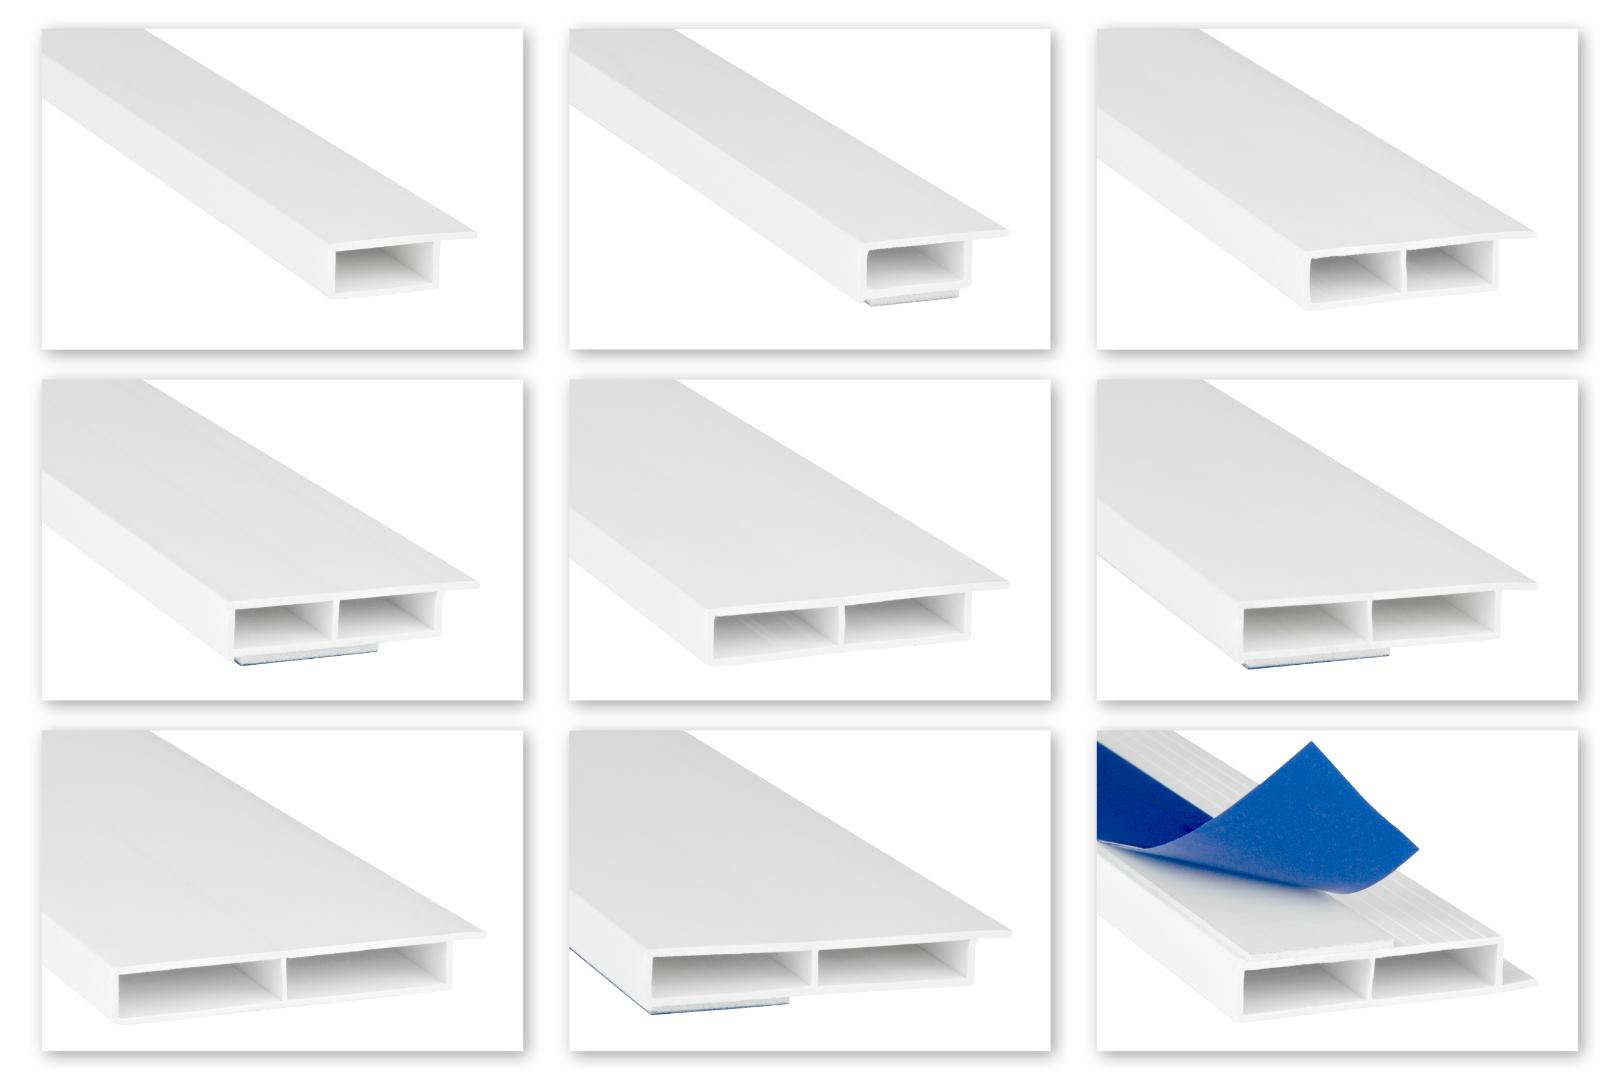 Hohlkammerleisten PVC weiß 2m - Kantenhöhe 7mm, Auswahl Fahne & Klebeband - HJ